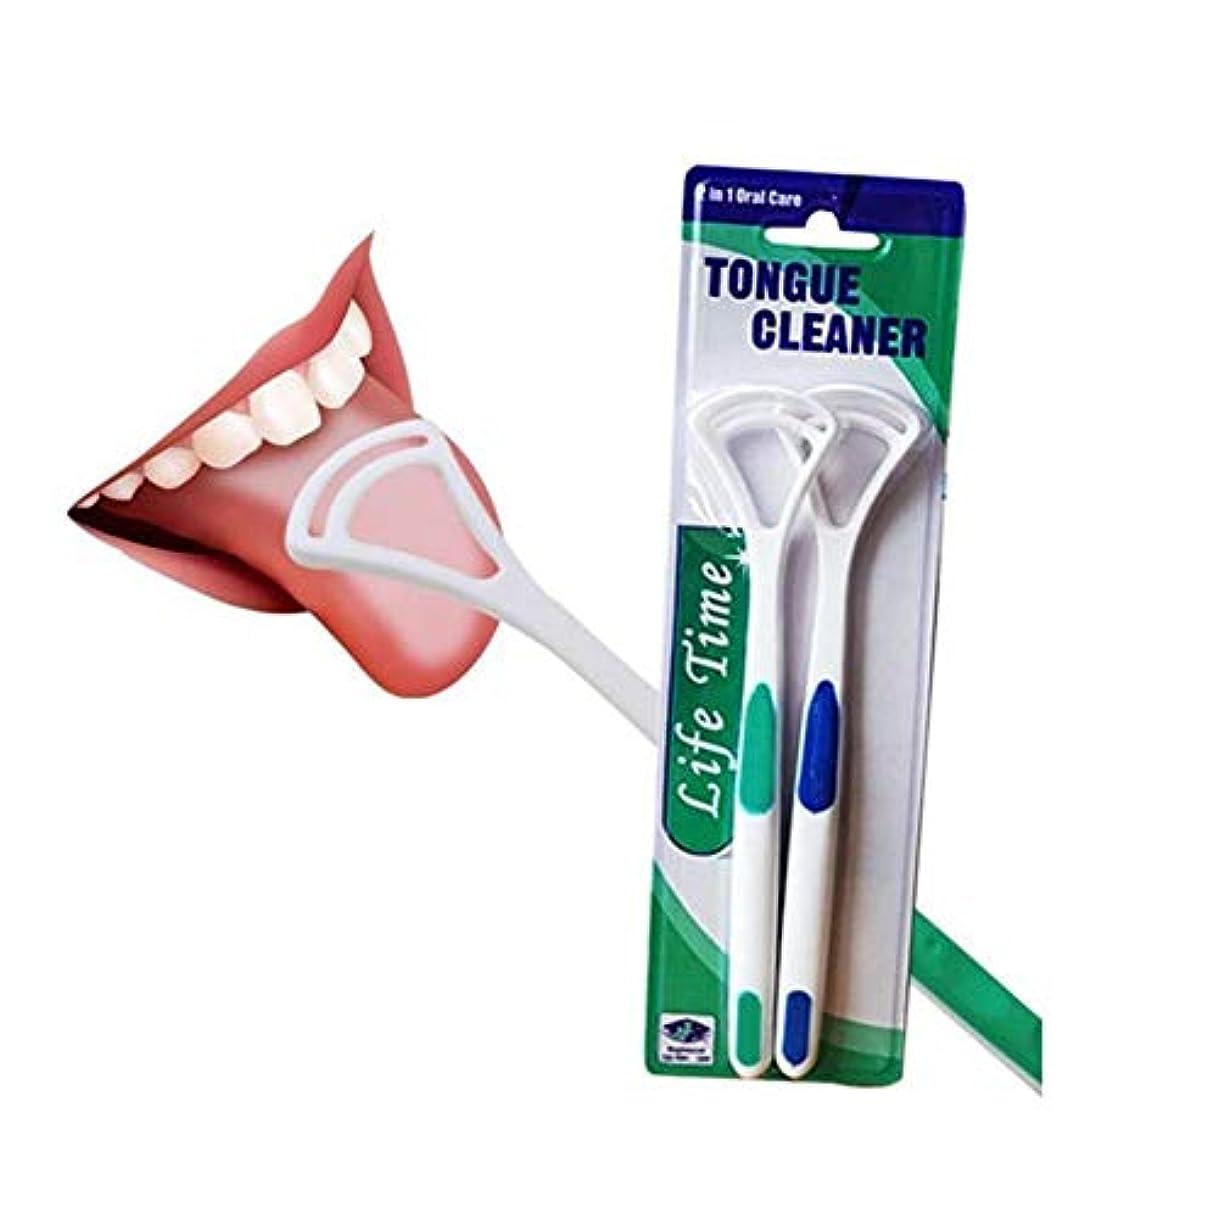 中に熟達ロバZHQI-HEAL 4ピース新しいホット舌クリーナースクレーパースクラッチ舌コーティングブラシクリーナーシリカハンドル口腔衛生家族歯ケアツール (色 : Blue/green)